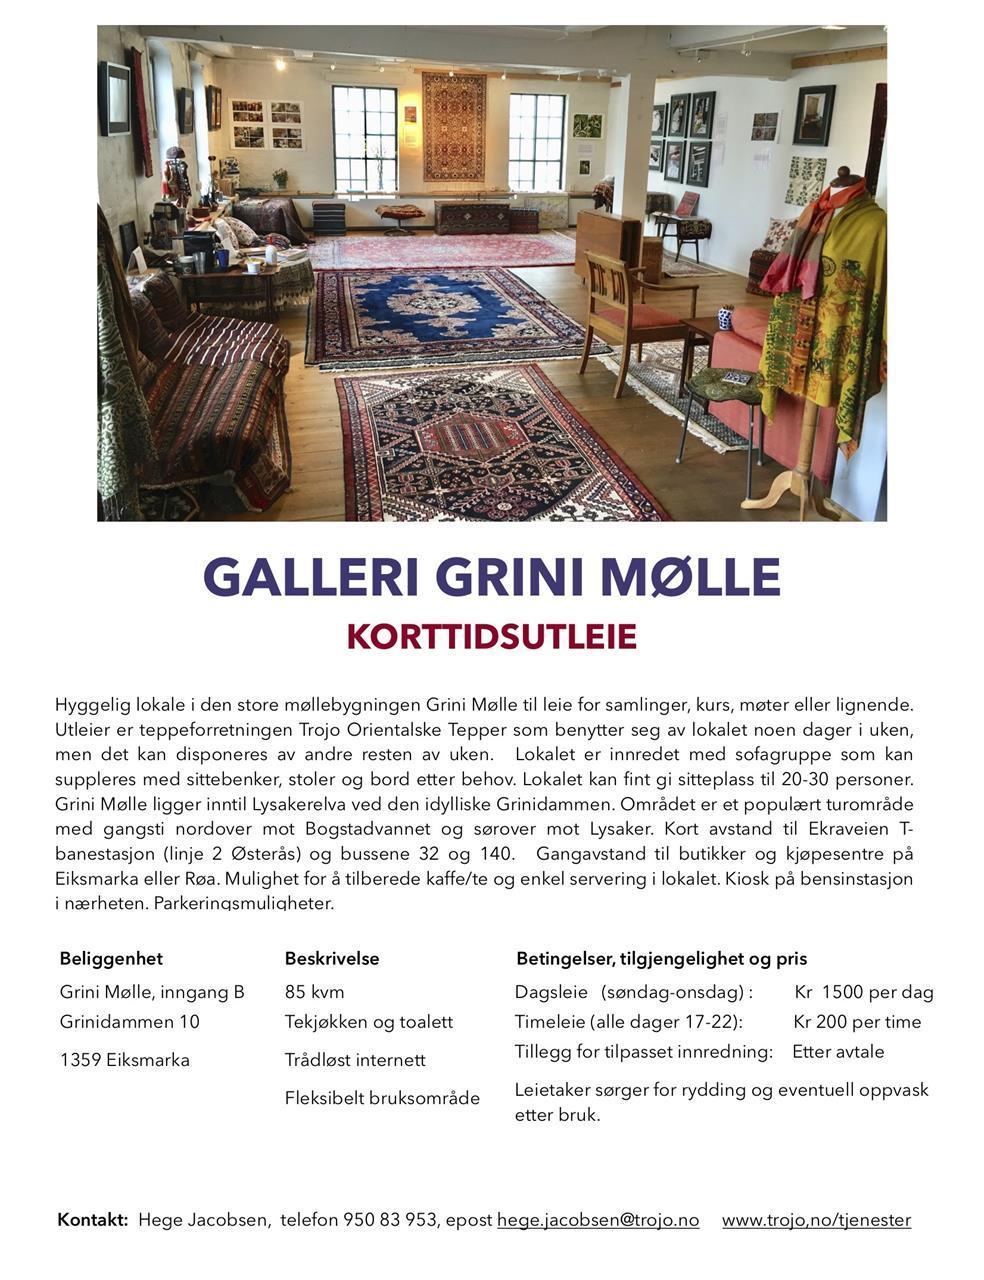 Galleri Grini Mølle korttidsutleie